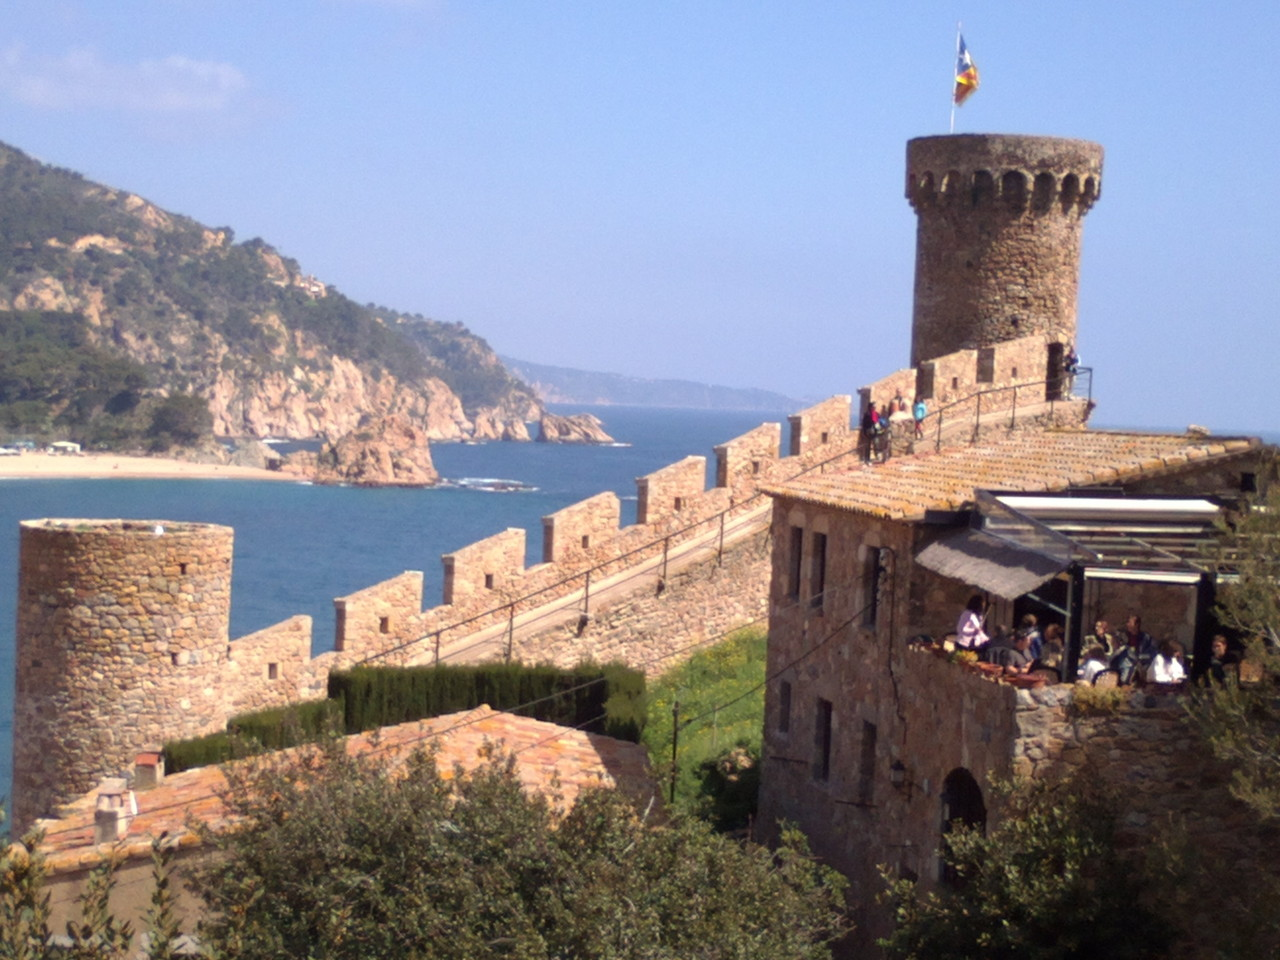 Preciosa vistas desde el castillo de Tossa